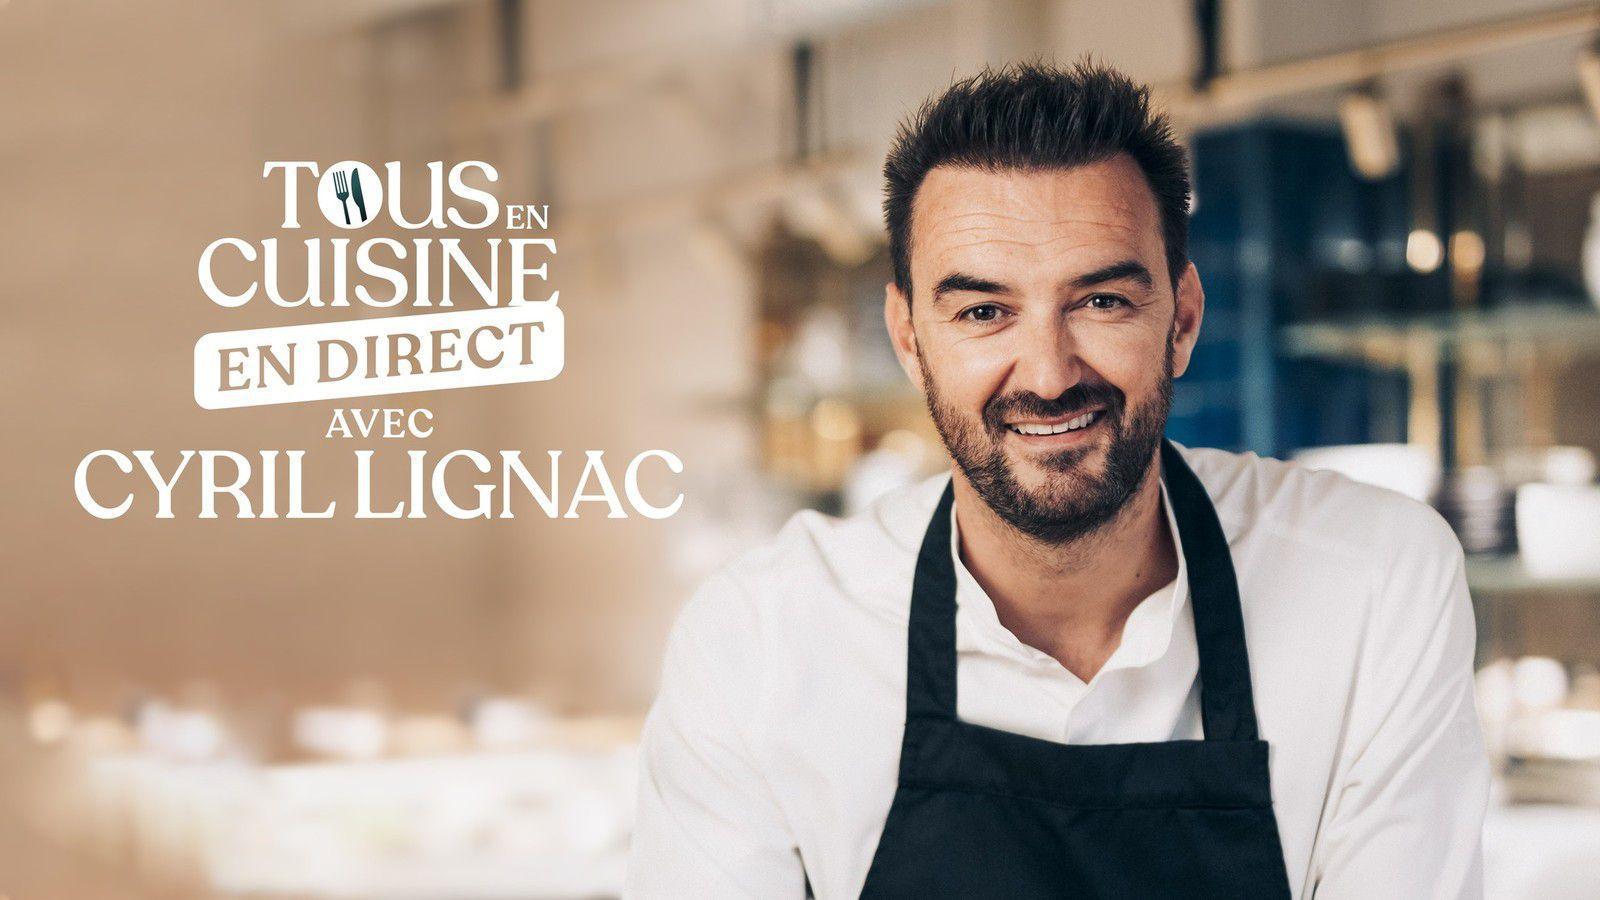 """""""Tous en cuisine en direct avec Cyril Lignac"""" sur M6 : Les ingrédients de ce lundi 4 janvier (Bouillon aux boulettes de viandes et Gâteau renversé à l'ananas)"""